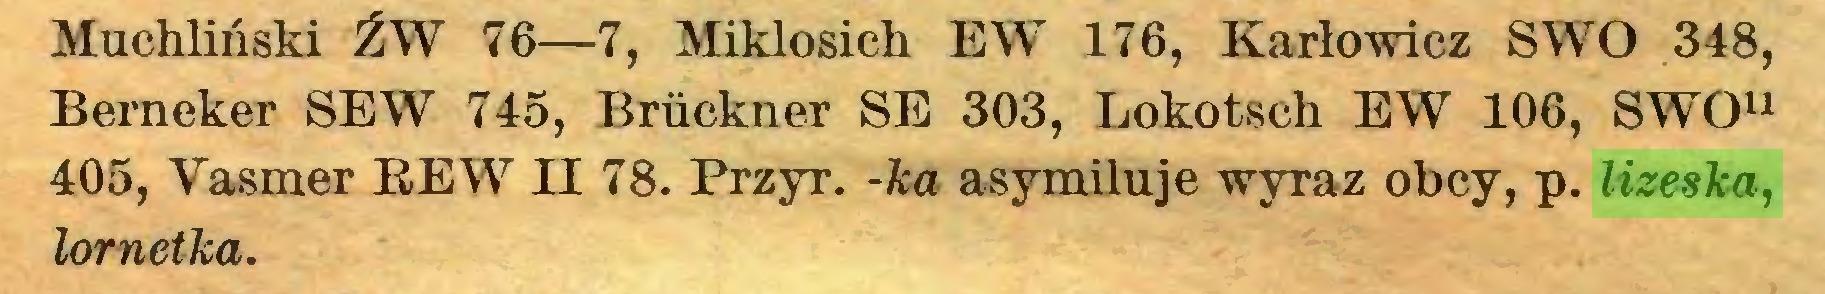 (...) Muchliński ŹW 76—7, Miklosich EW 176, Karłowicz SWO 348, Berneker SEW 745, Brückner SE 303, Lokotsch EW 106, SWO11 405, Vasmer REW II 78. Przyr. -ka asymiluje wyraz obcy, p. lizeska, lornetka...